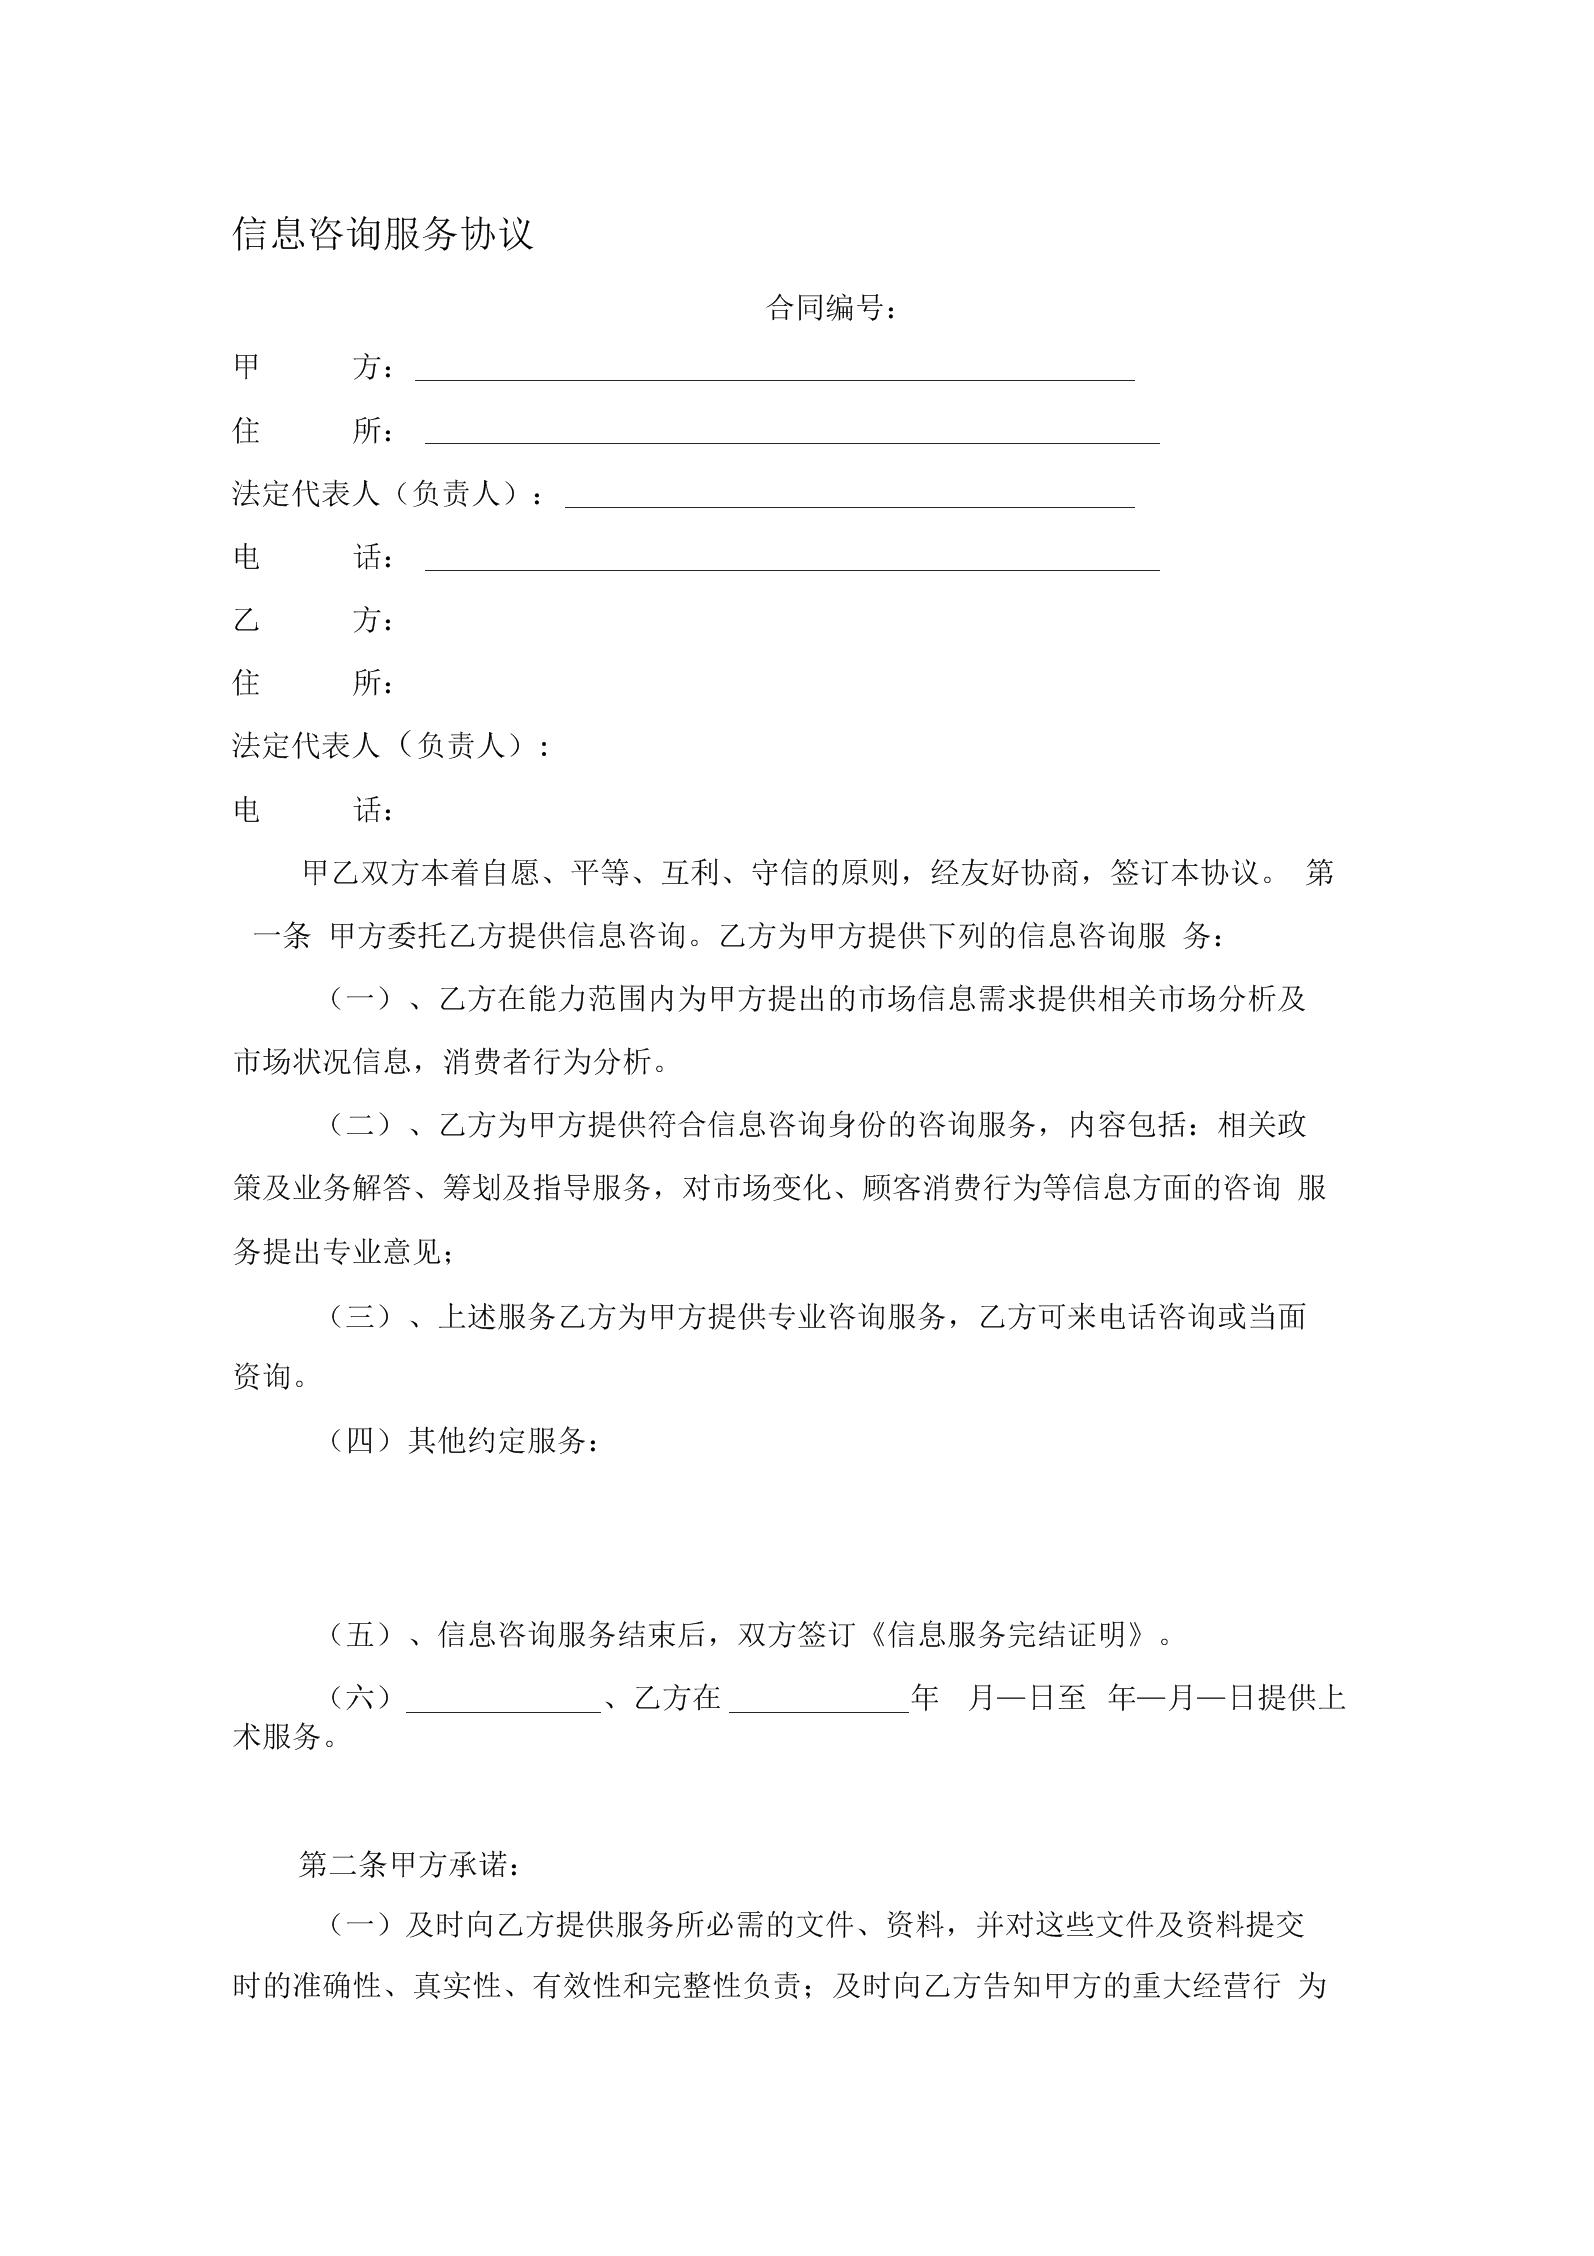 信息咨询服务协议0001.docx